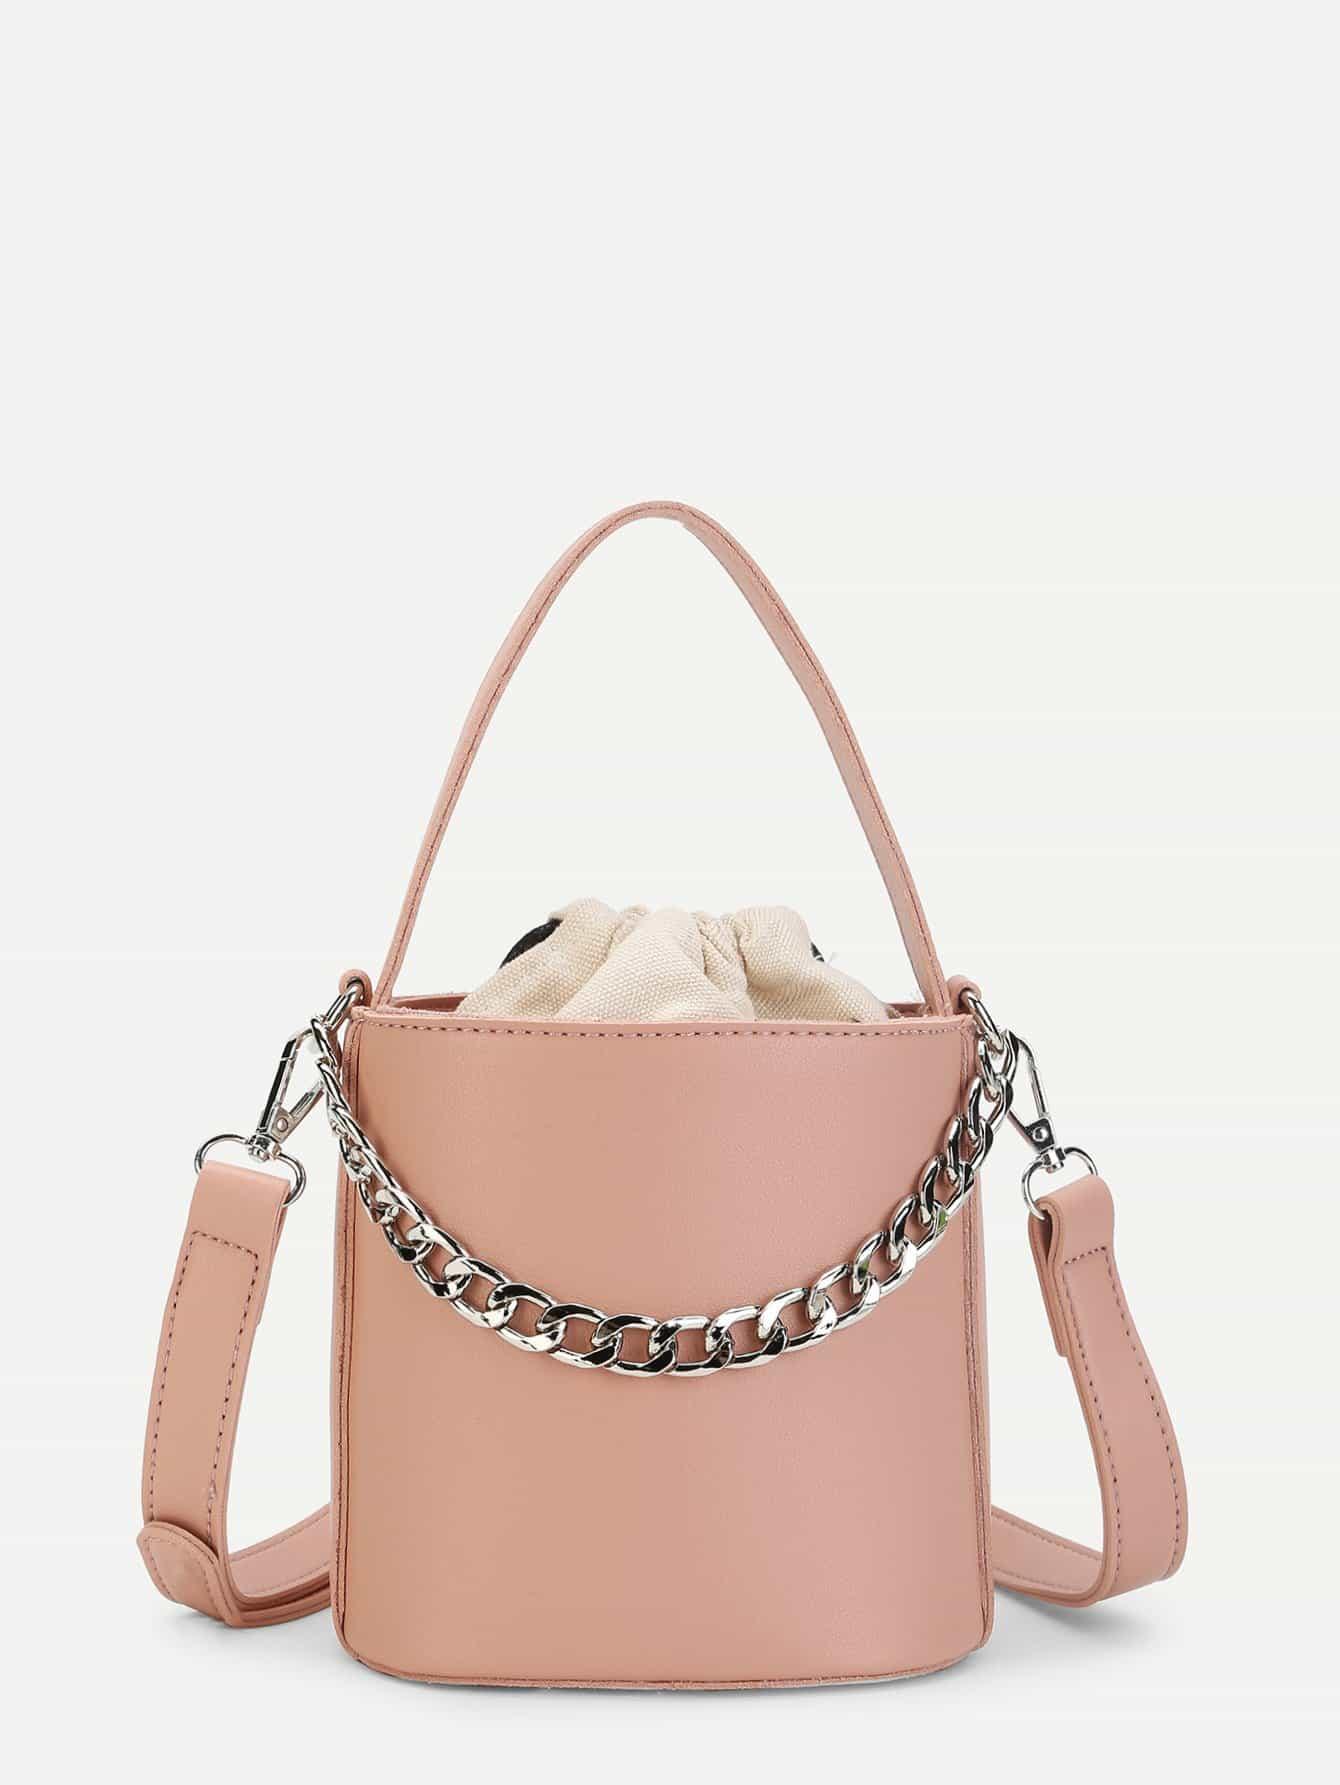 Цепная сумка с сумкой внутренним чехлом